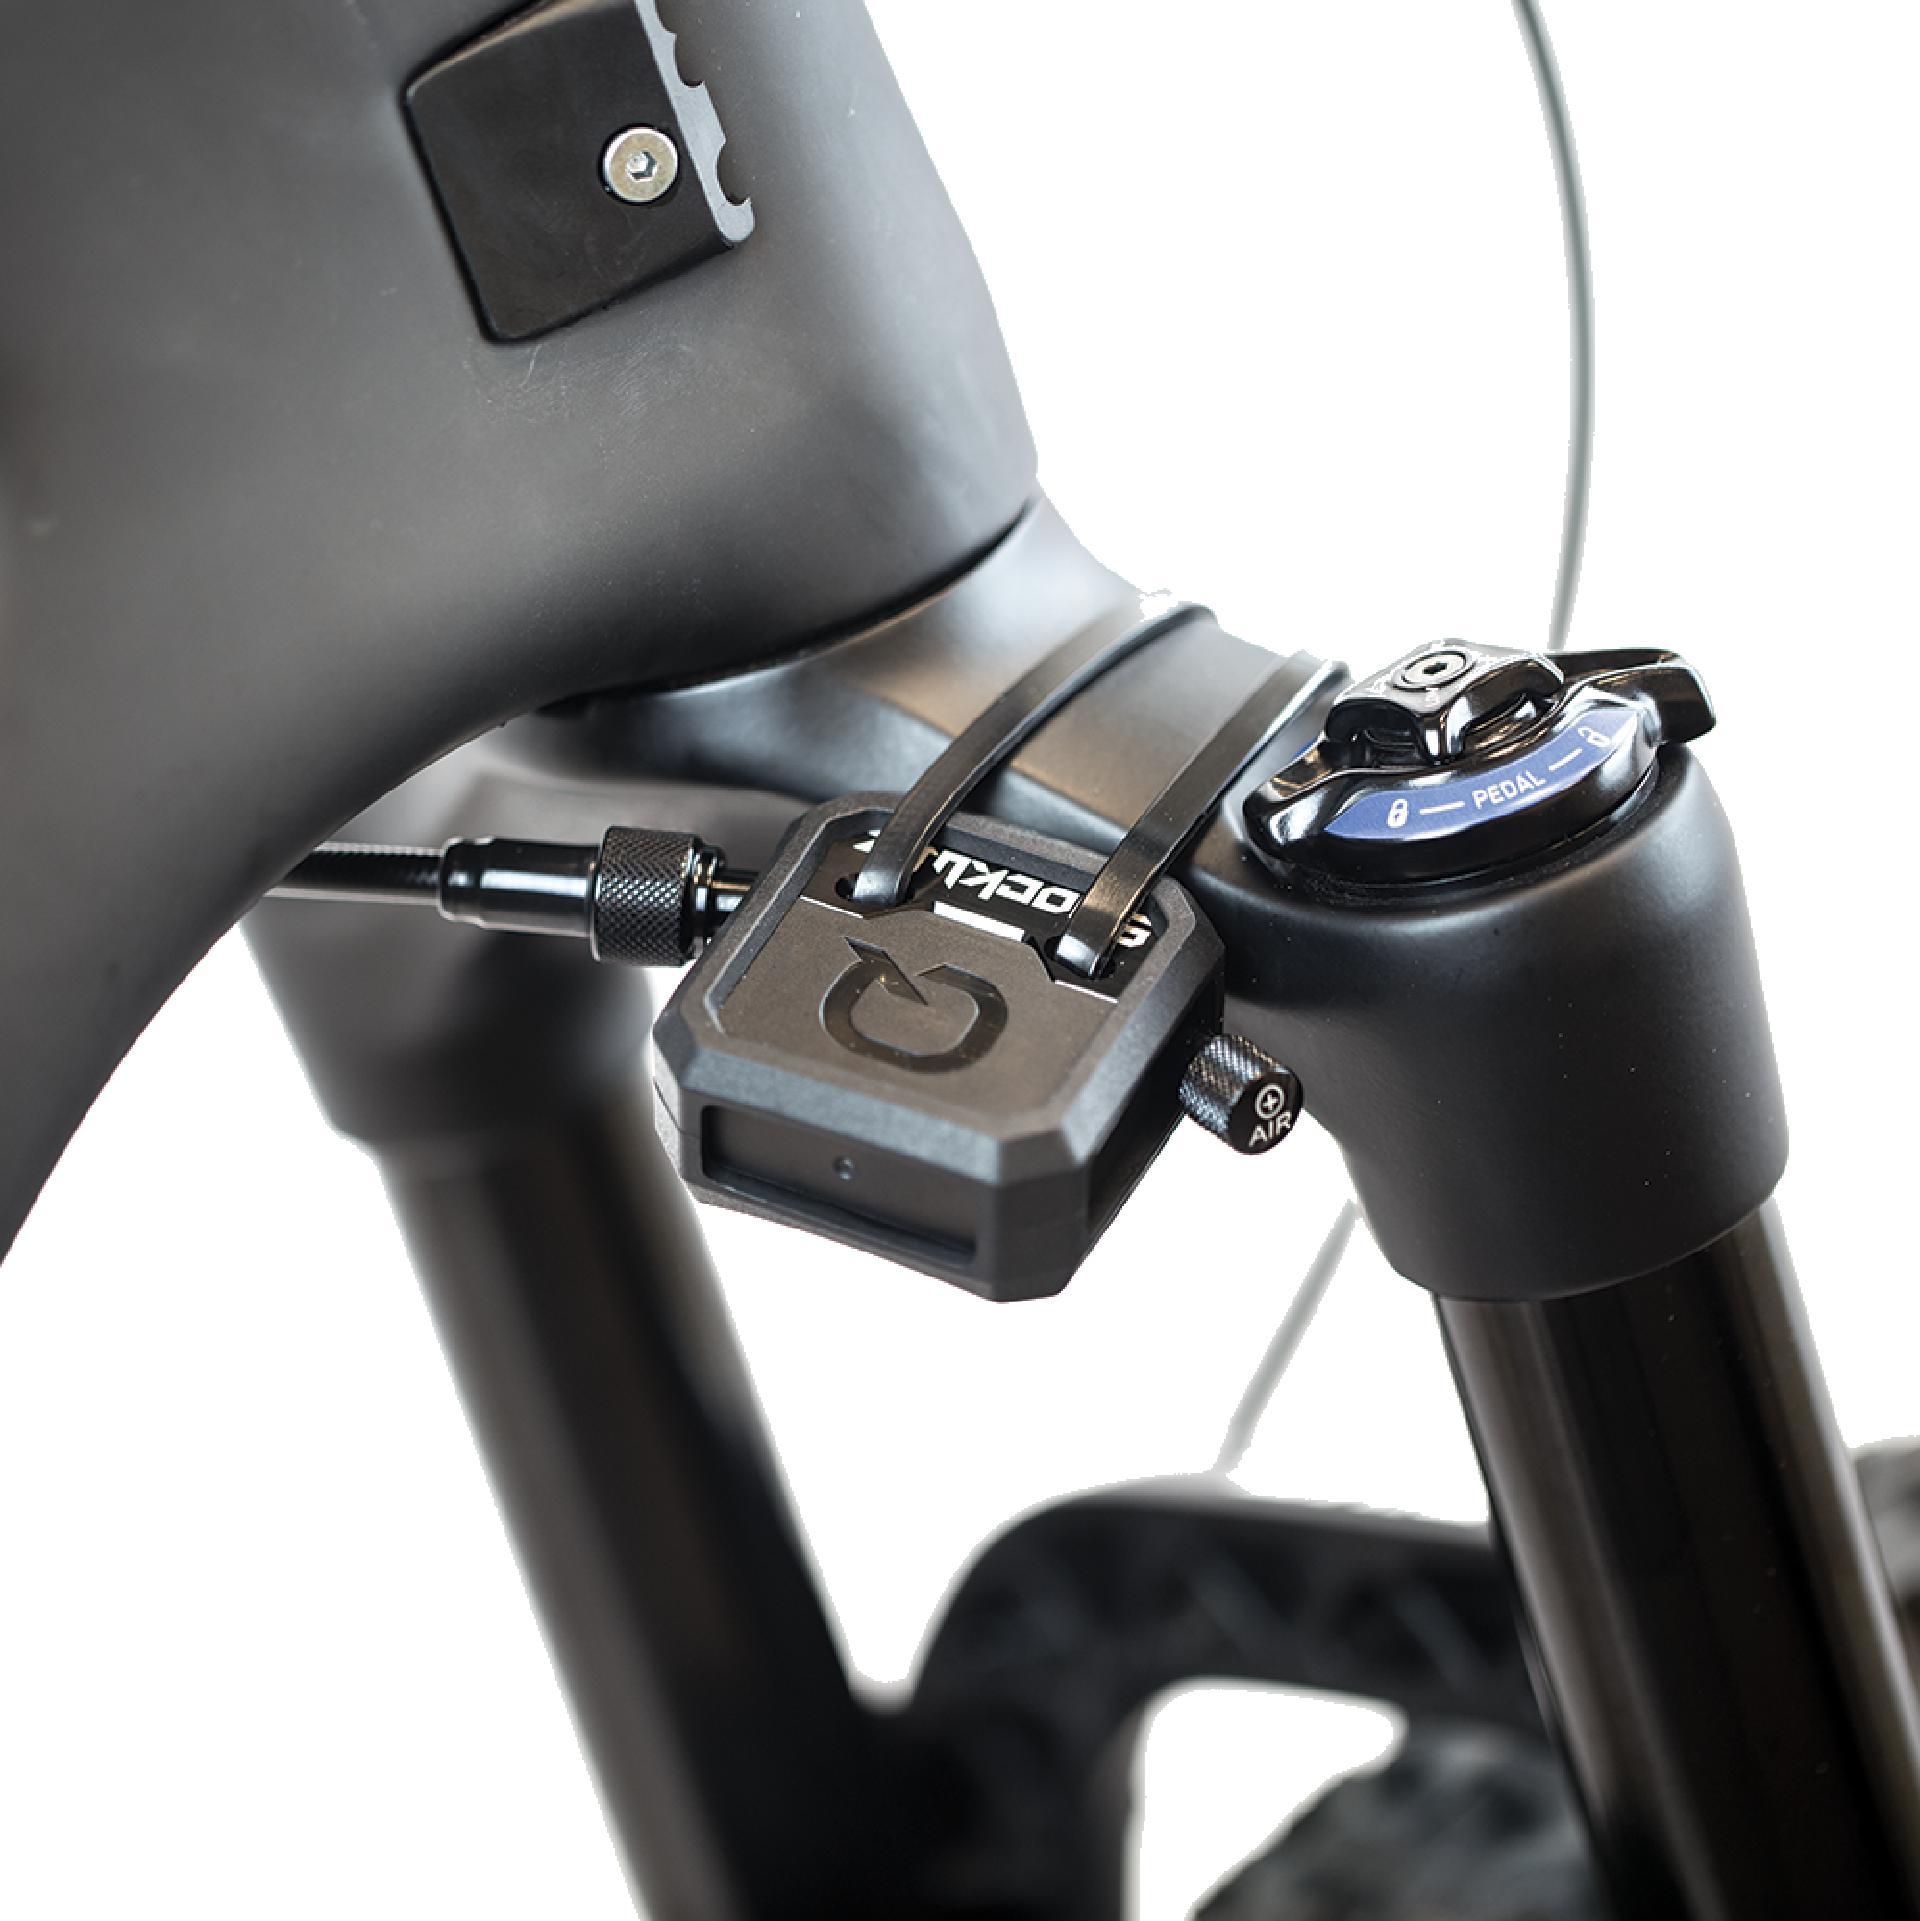 Klein aber fein: Der Quarq ShockWiz liefert dir professionelles Fahrwerkstuning im Taschenformat.